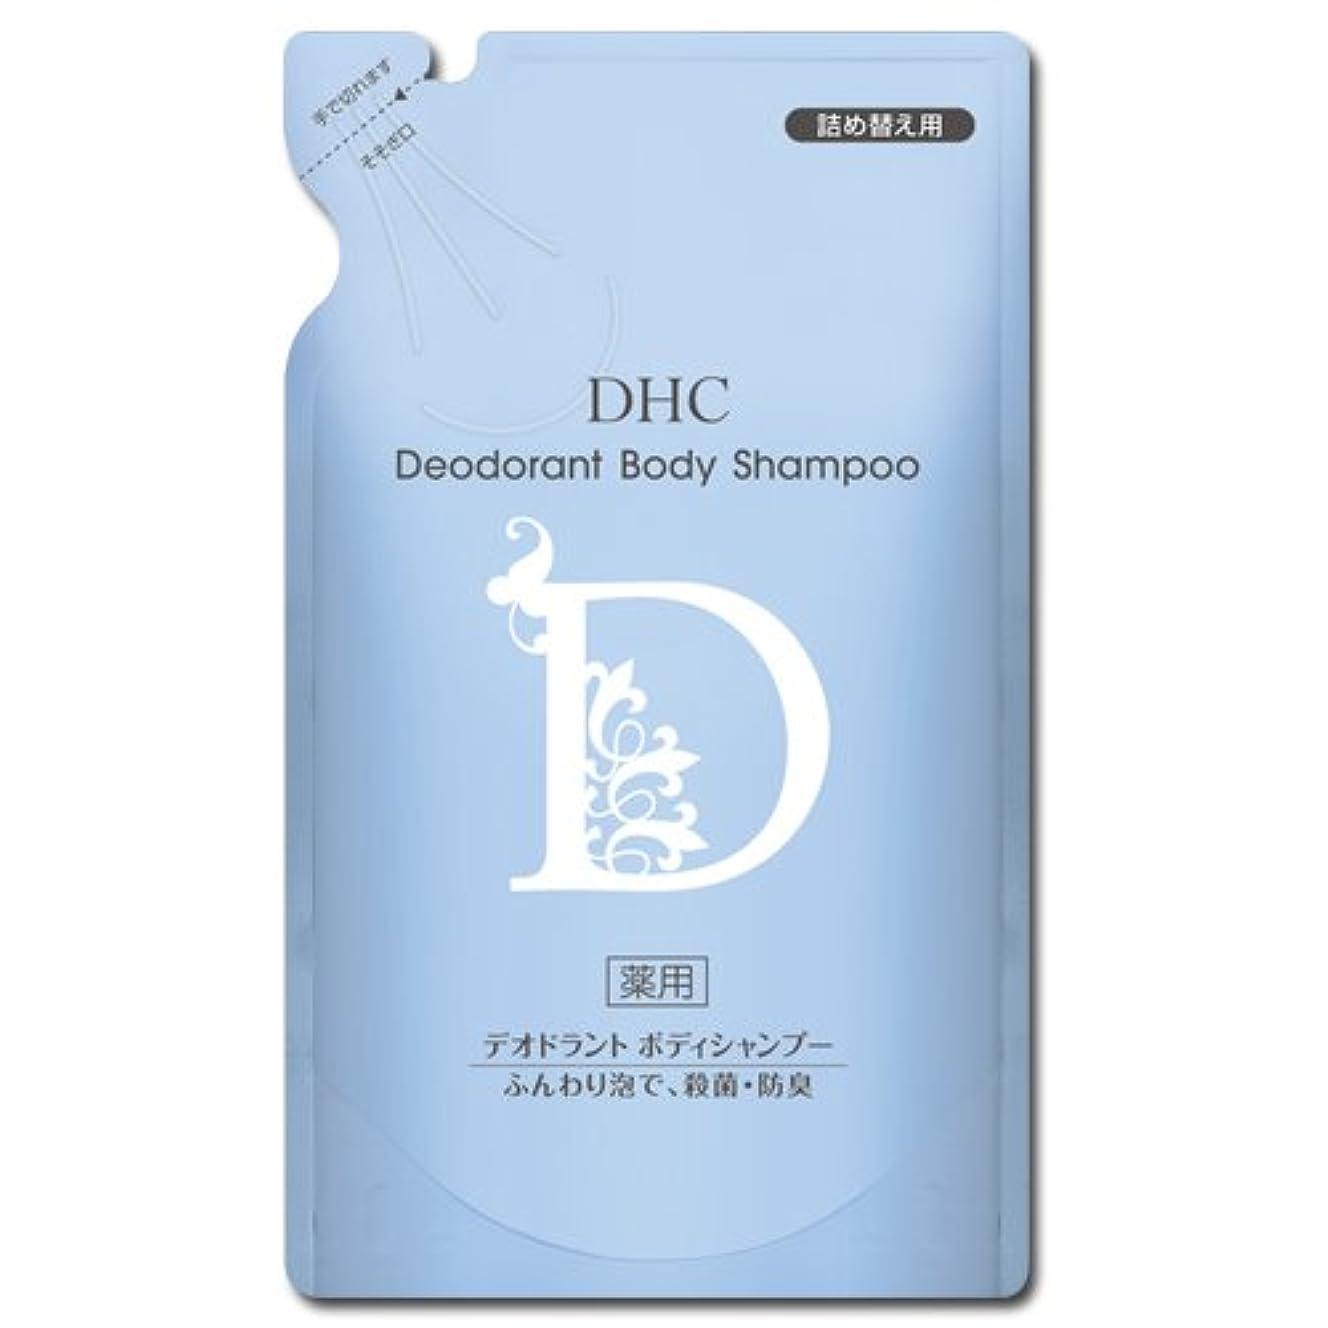 で出来ている廃棄放映【医薬部外品】DHC薬用デオドラント ボディシャンプー 詰め替え用